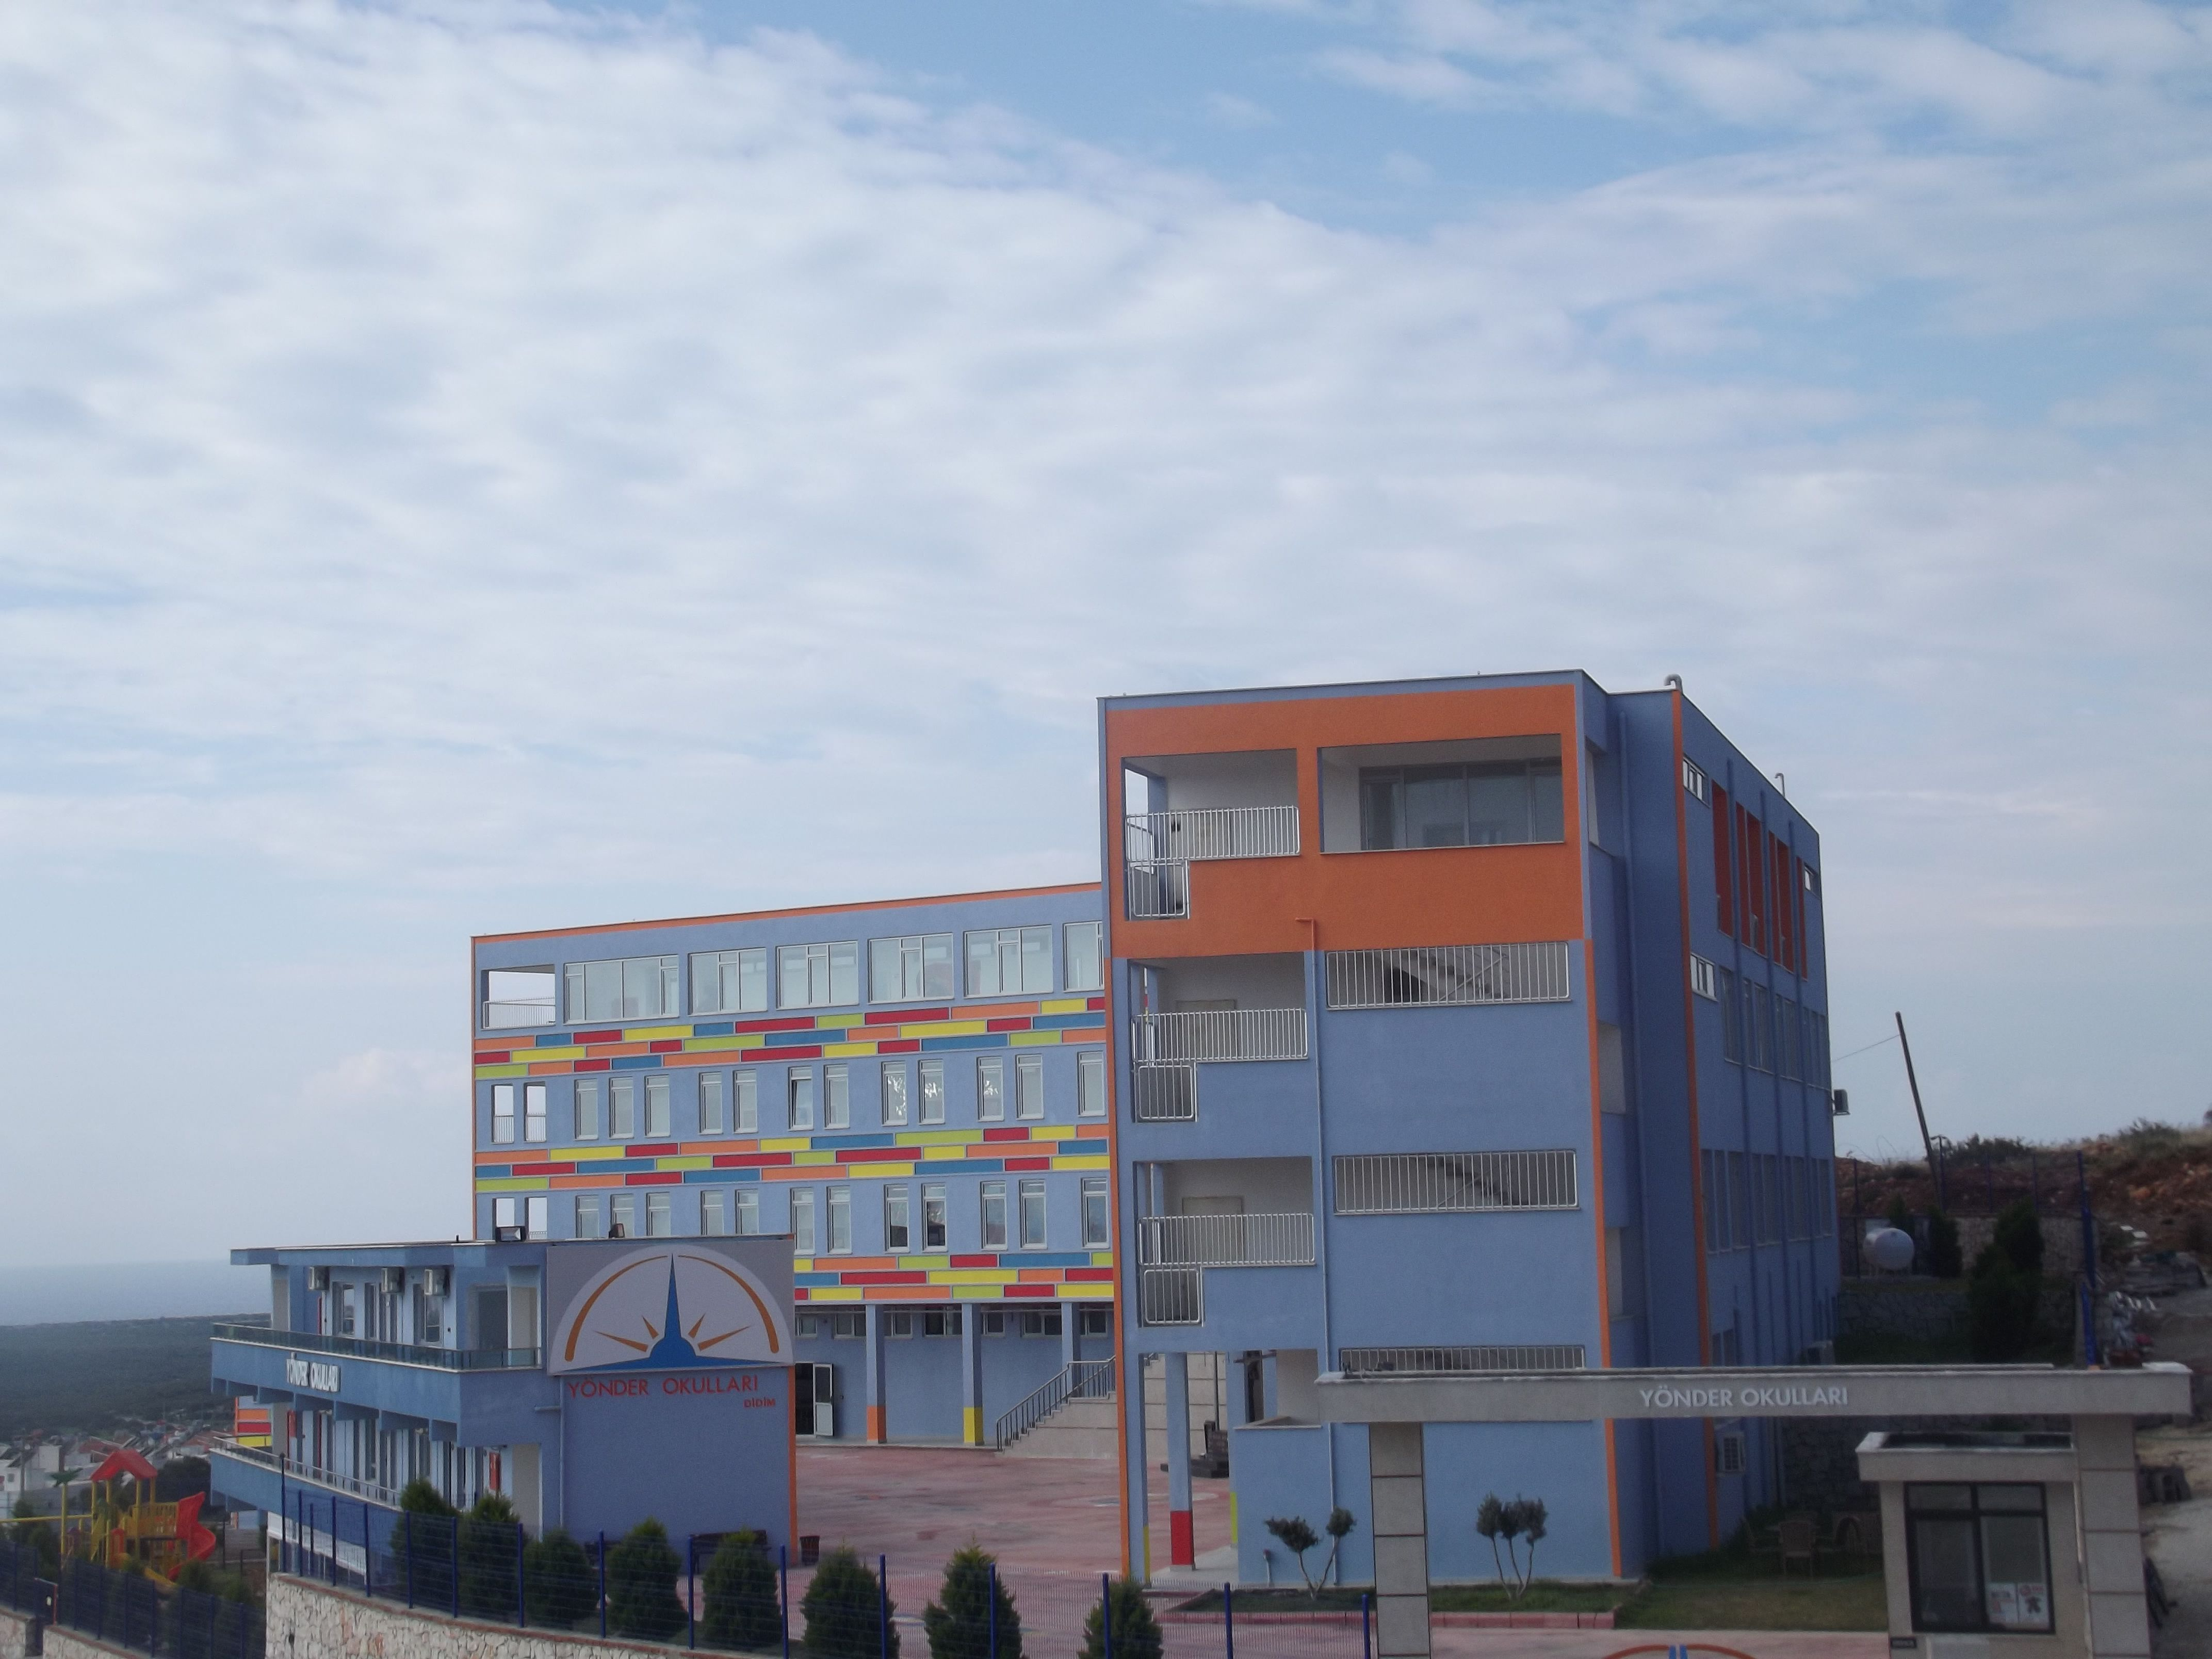 Yönder Okulları Didim Anaokulu